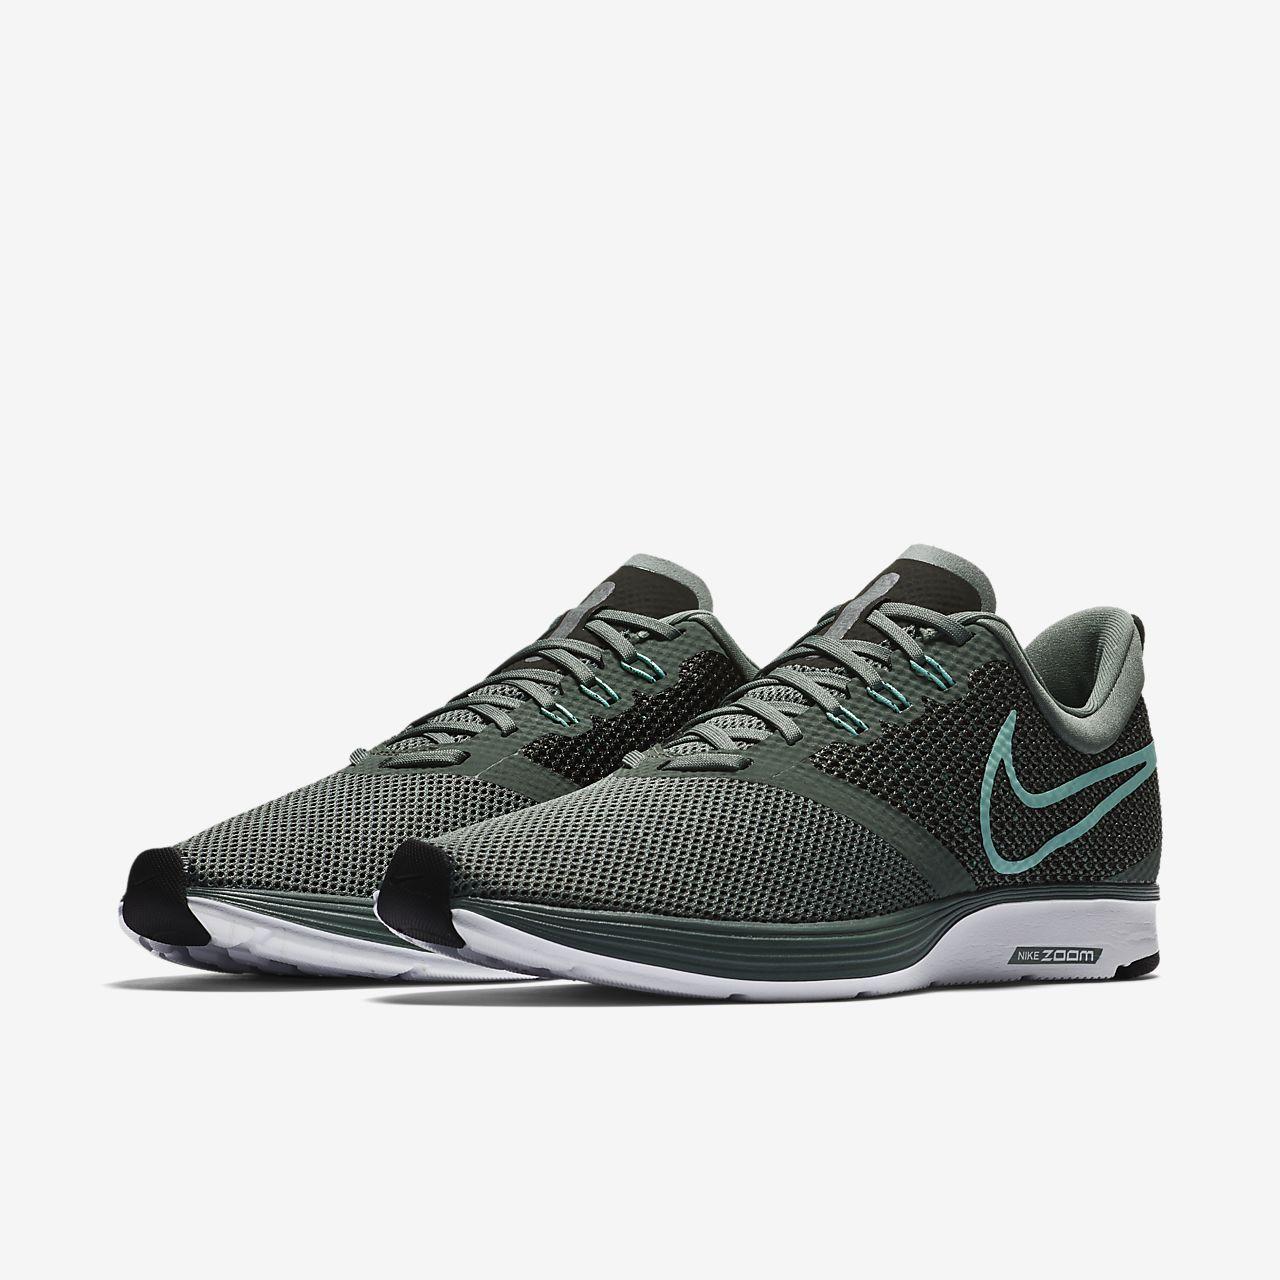 Nike Course Formateurs De Grève De Zoom Dans Aj0189-301 Vert - Vert iCs9d